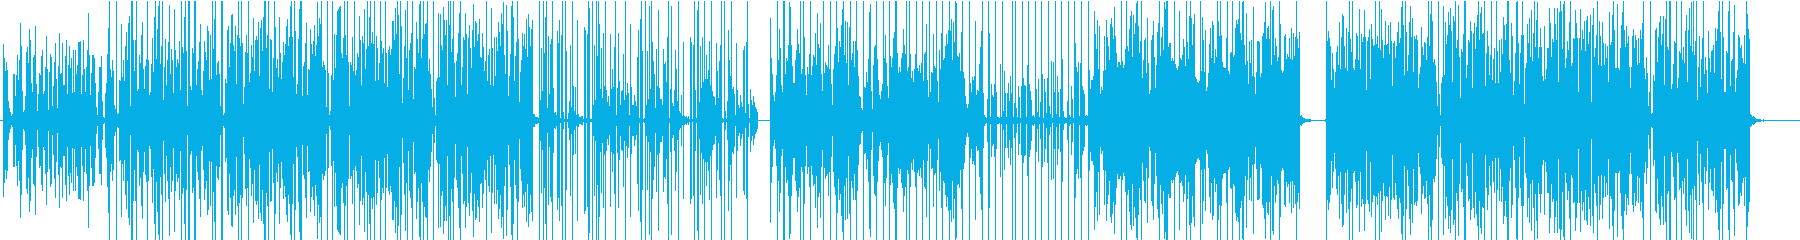 切なくもポップな旋律のエレクトロニカの再生済みの波形